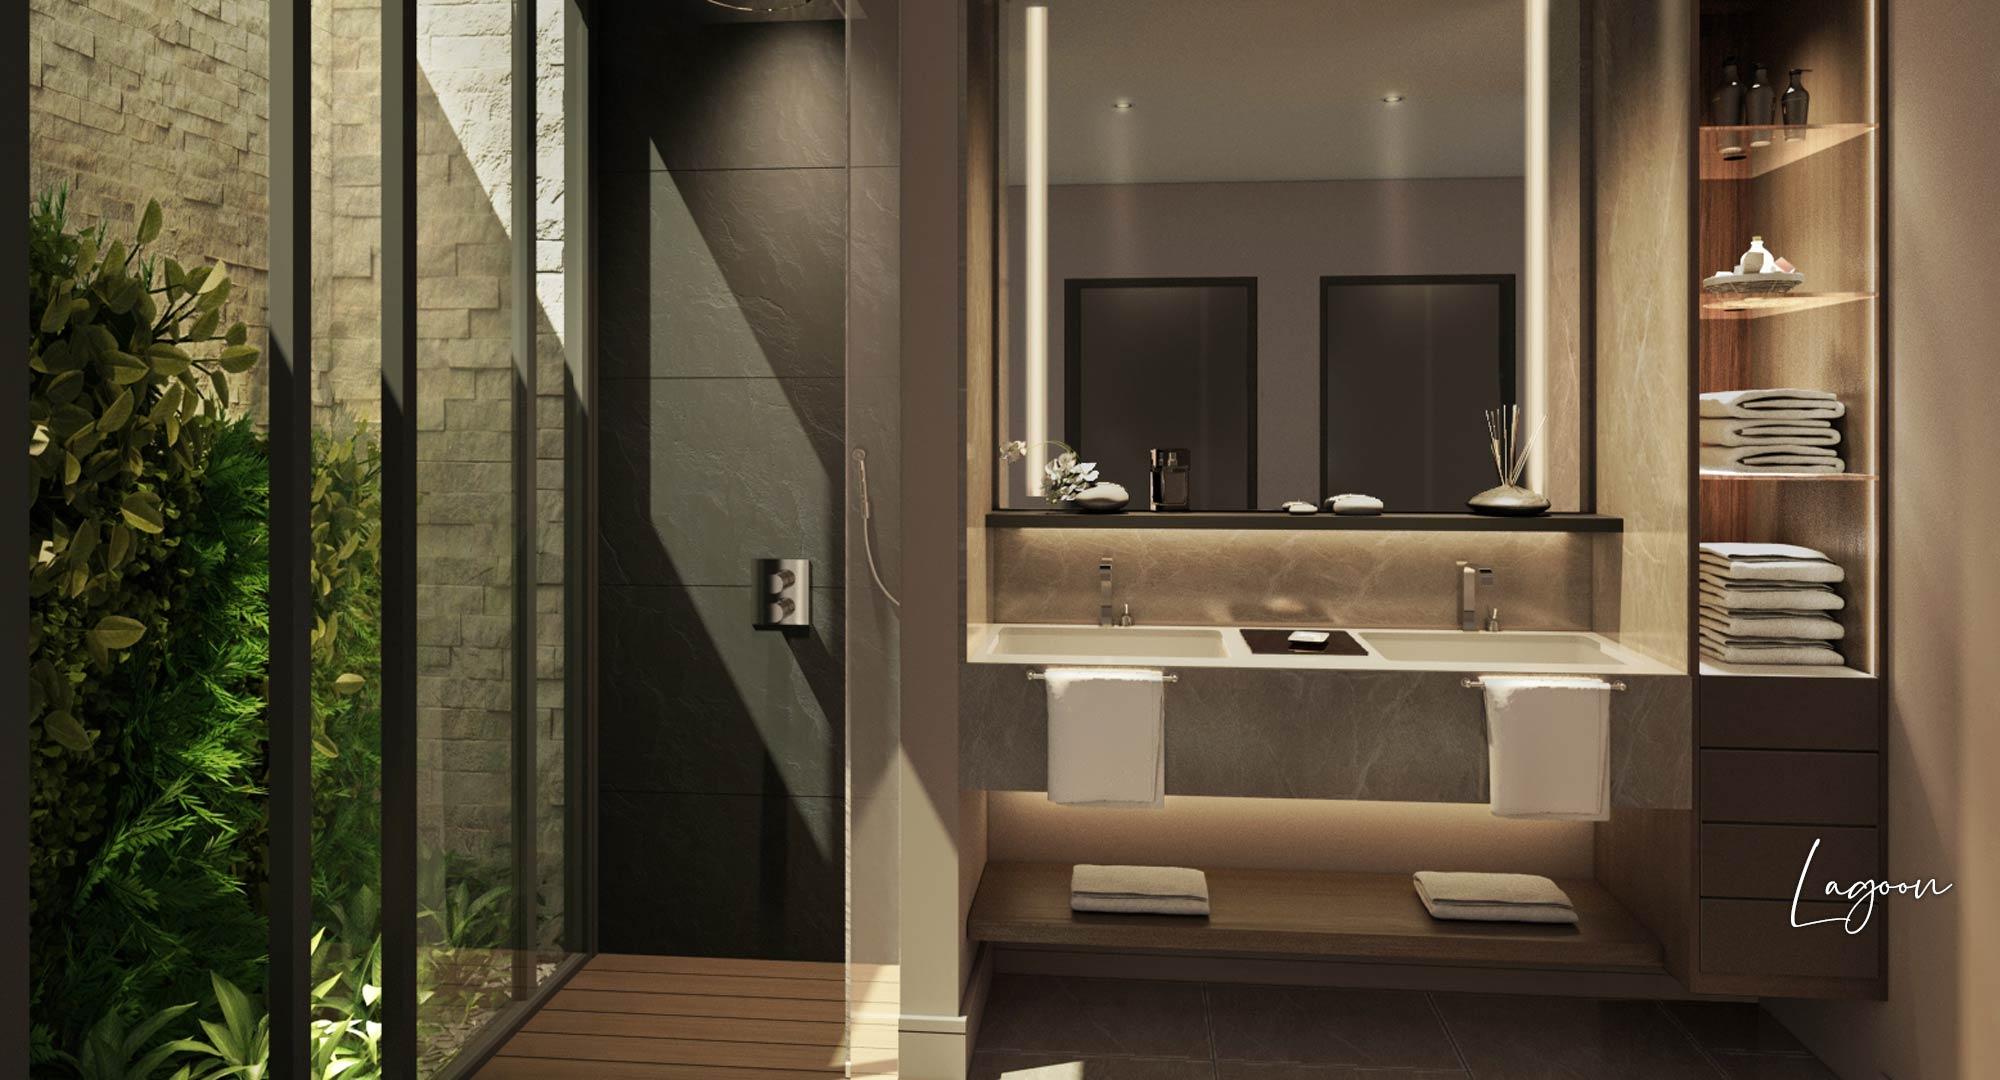 Lagoon_bathroom.jpg